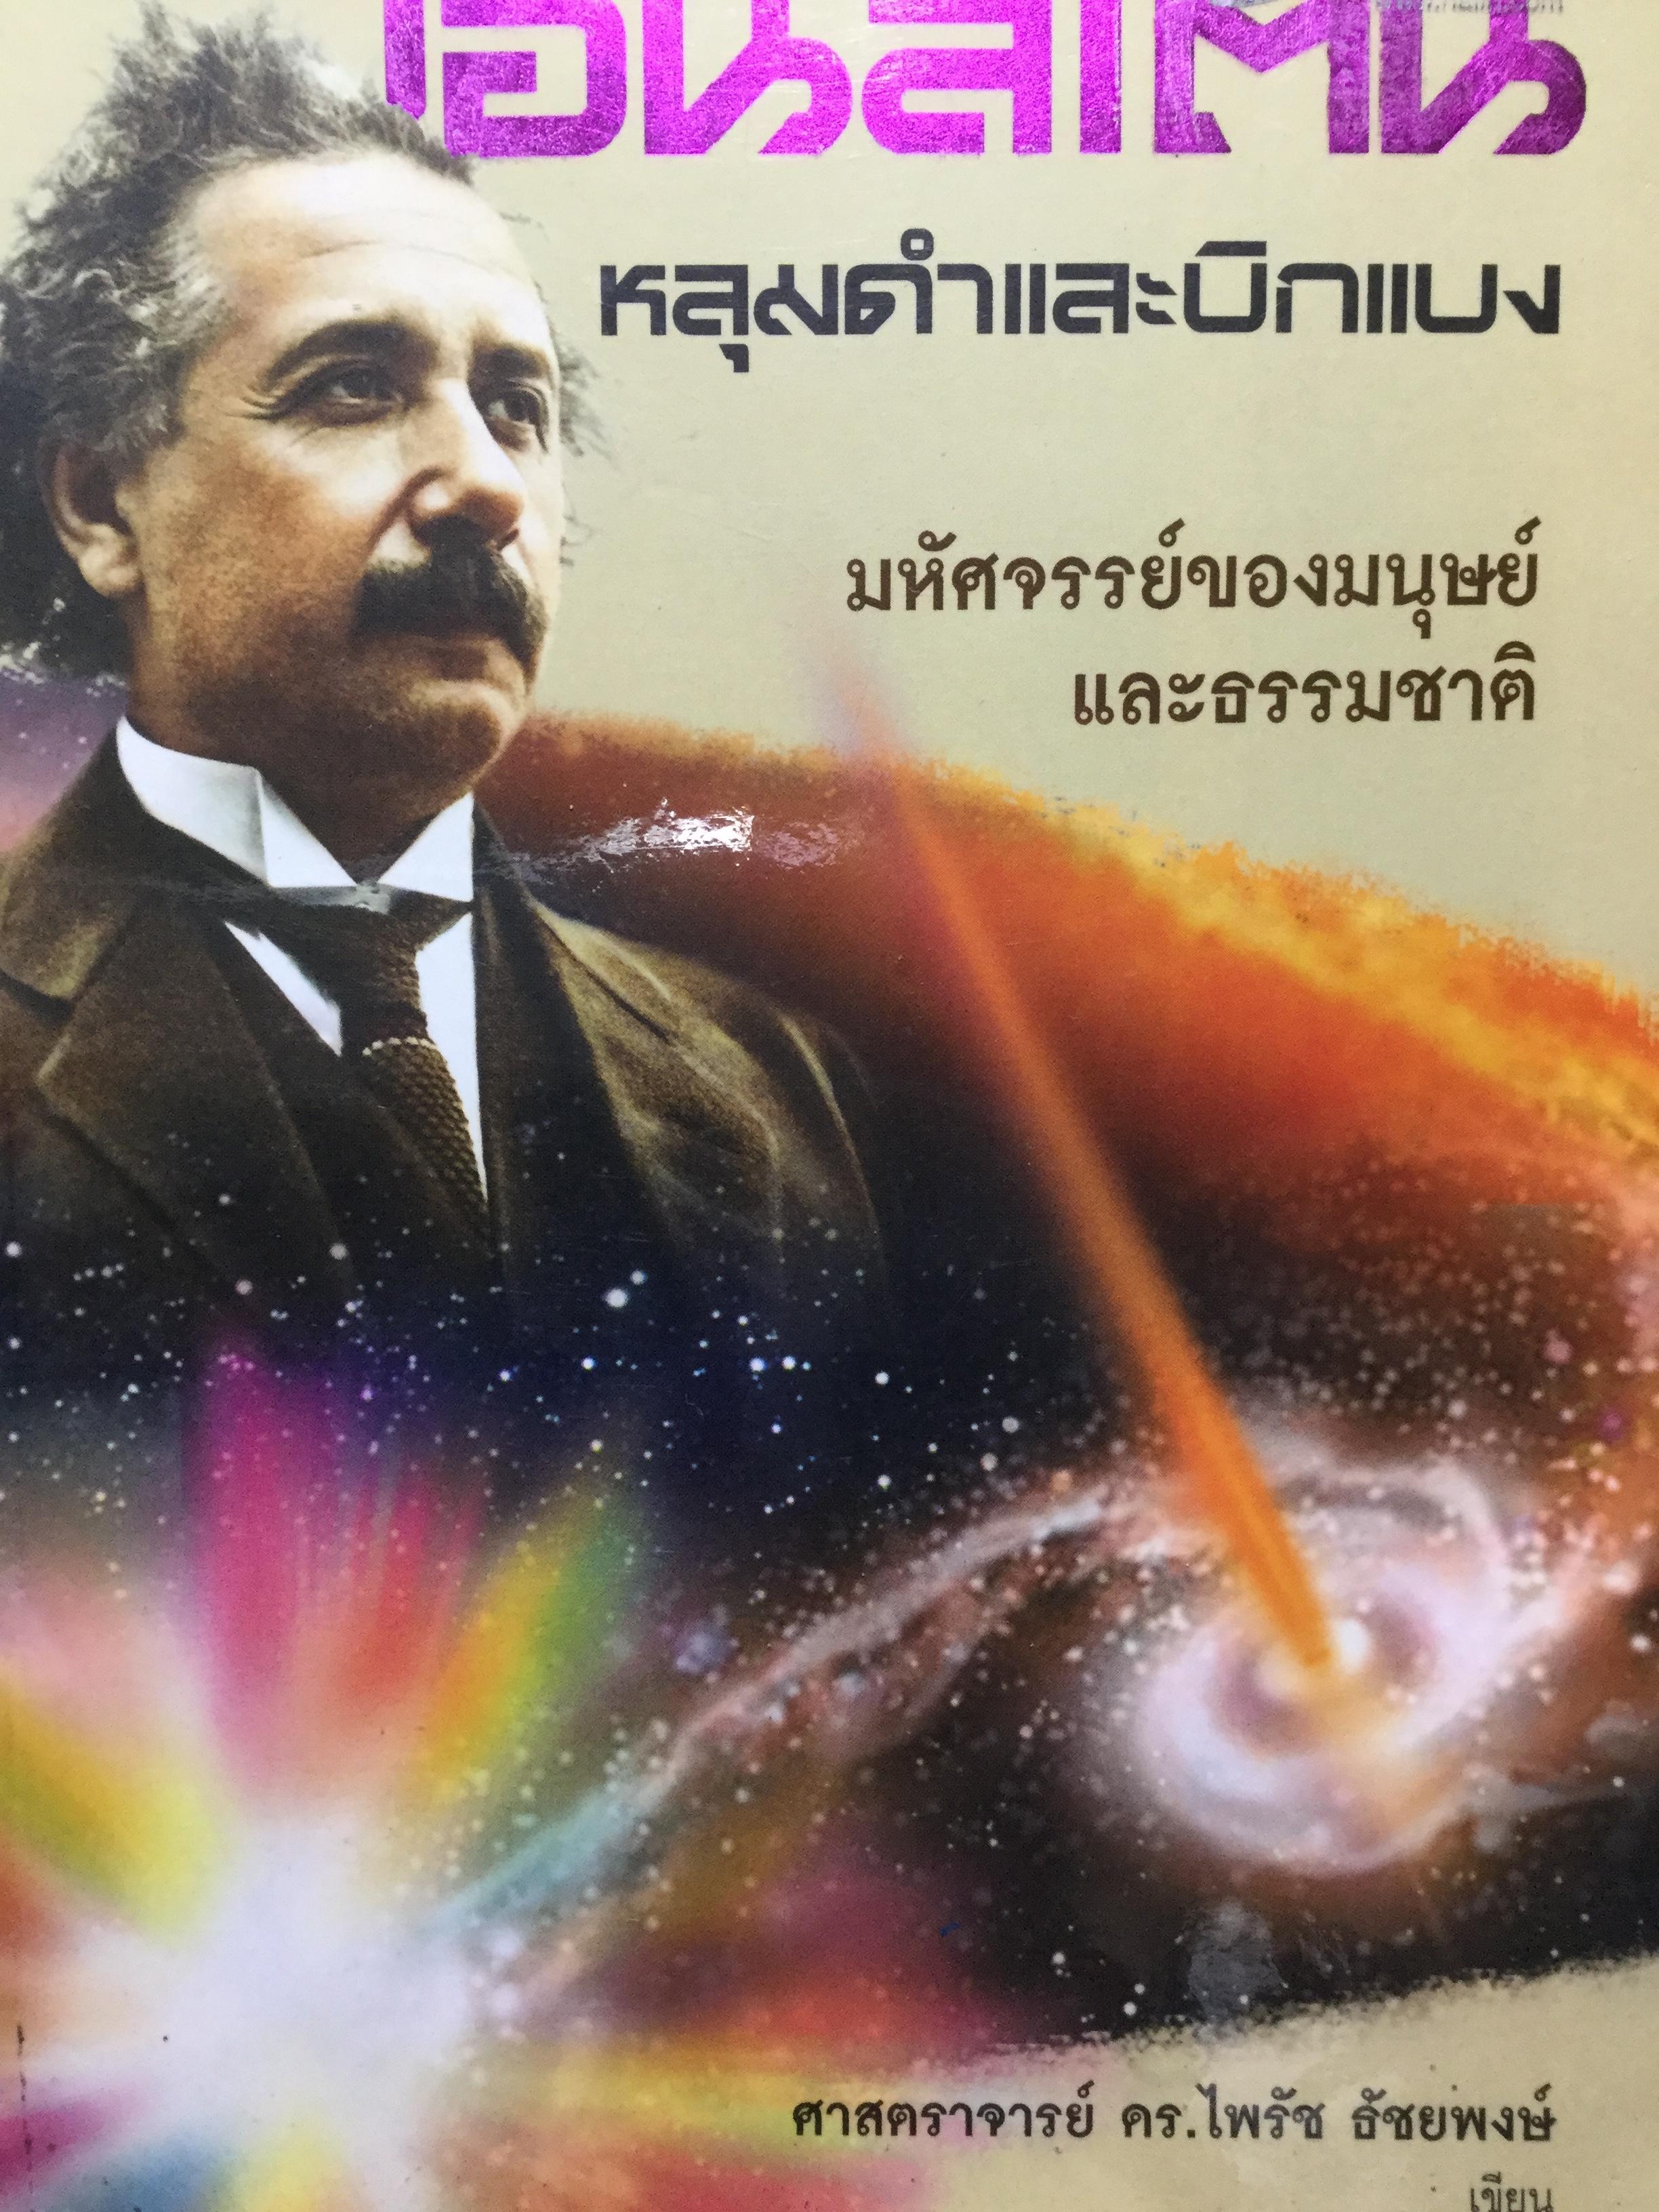 ไอน์สไตน์ หลุมดำและบิกแบง. มหัศจรรย์ของมนุษย์และธรรมชาติ พิมพ์ครั้งที่ 2 ผู้เขียน ศจ.ดร.ไพรัช ธัชยพงษ์